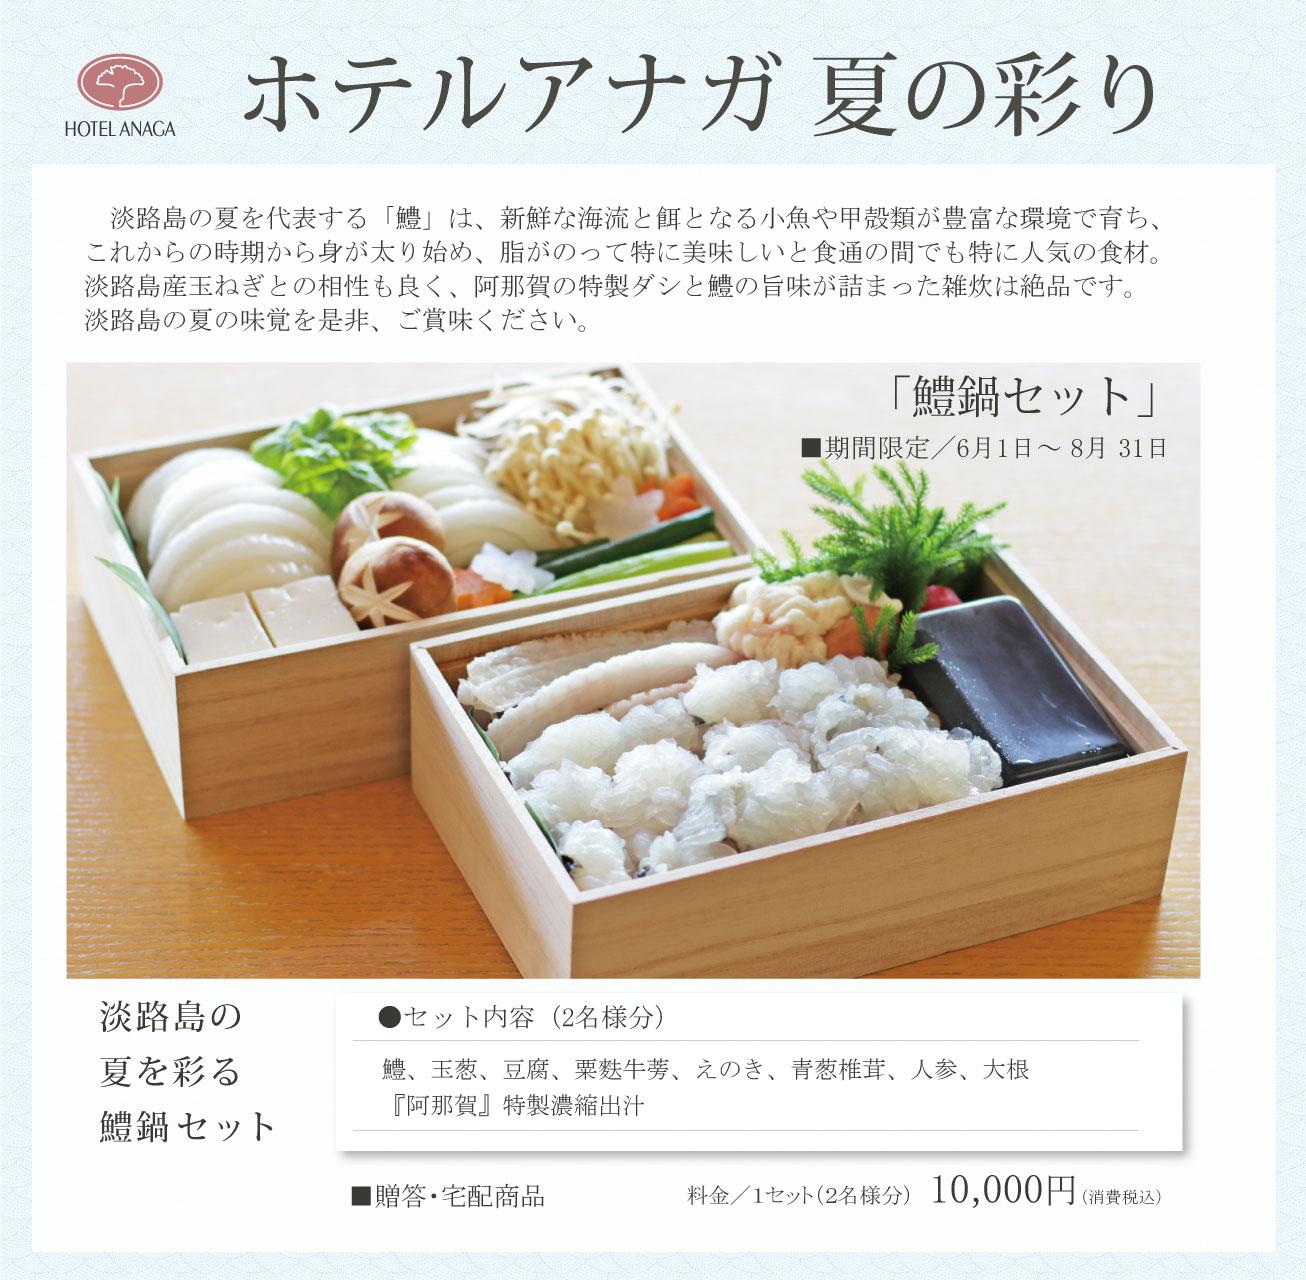 淡路島の夏を彩る「鱧鍋セット」